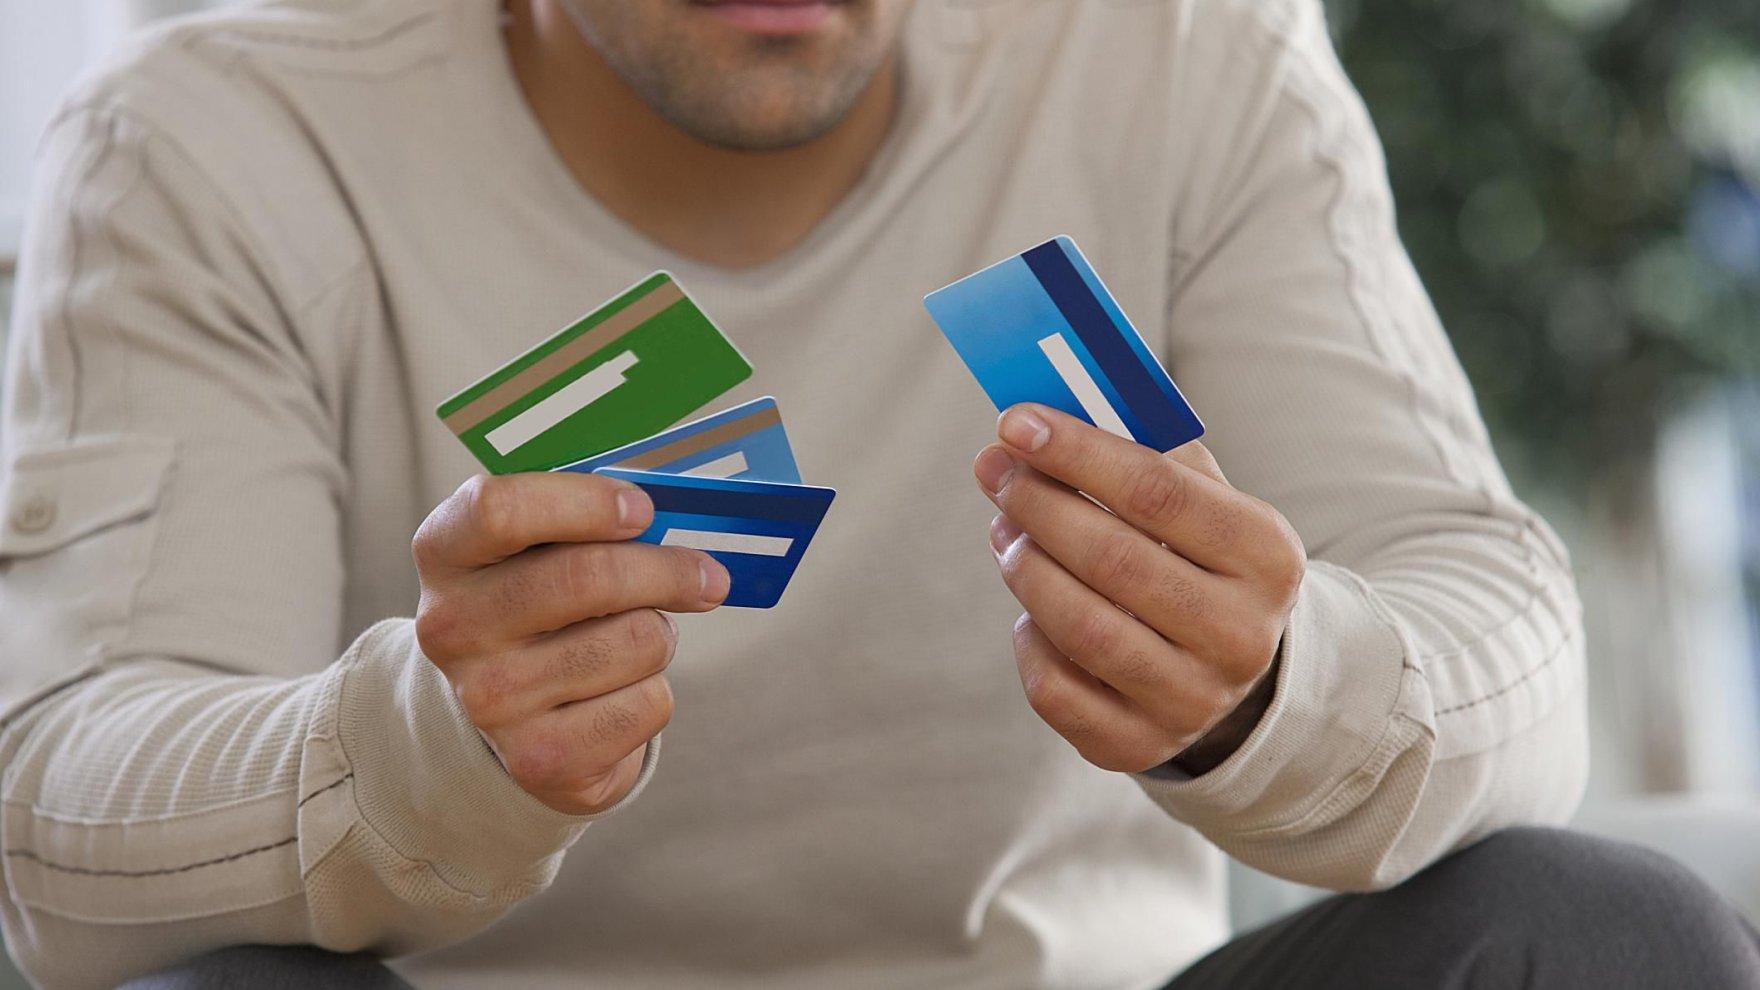 El uso de tarjetas se disparó durante la pandemia